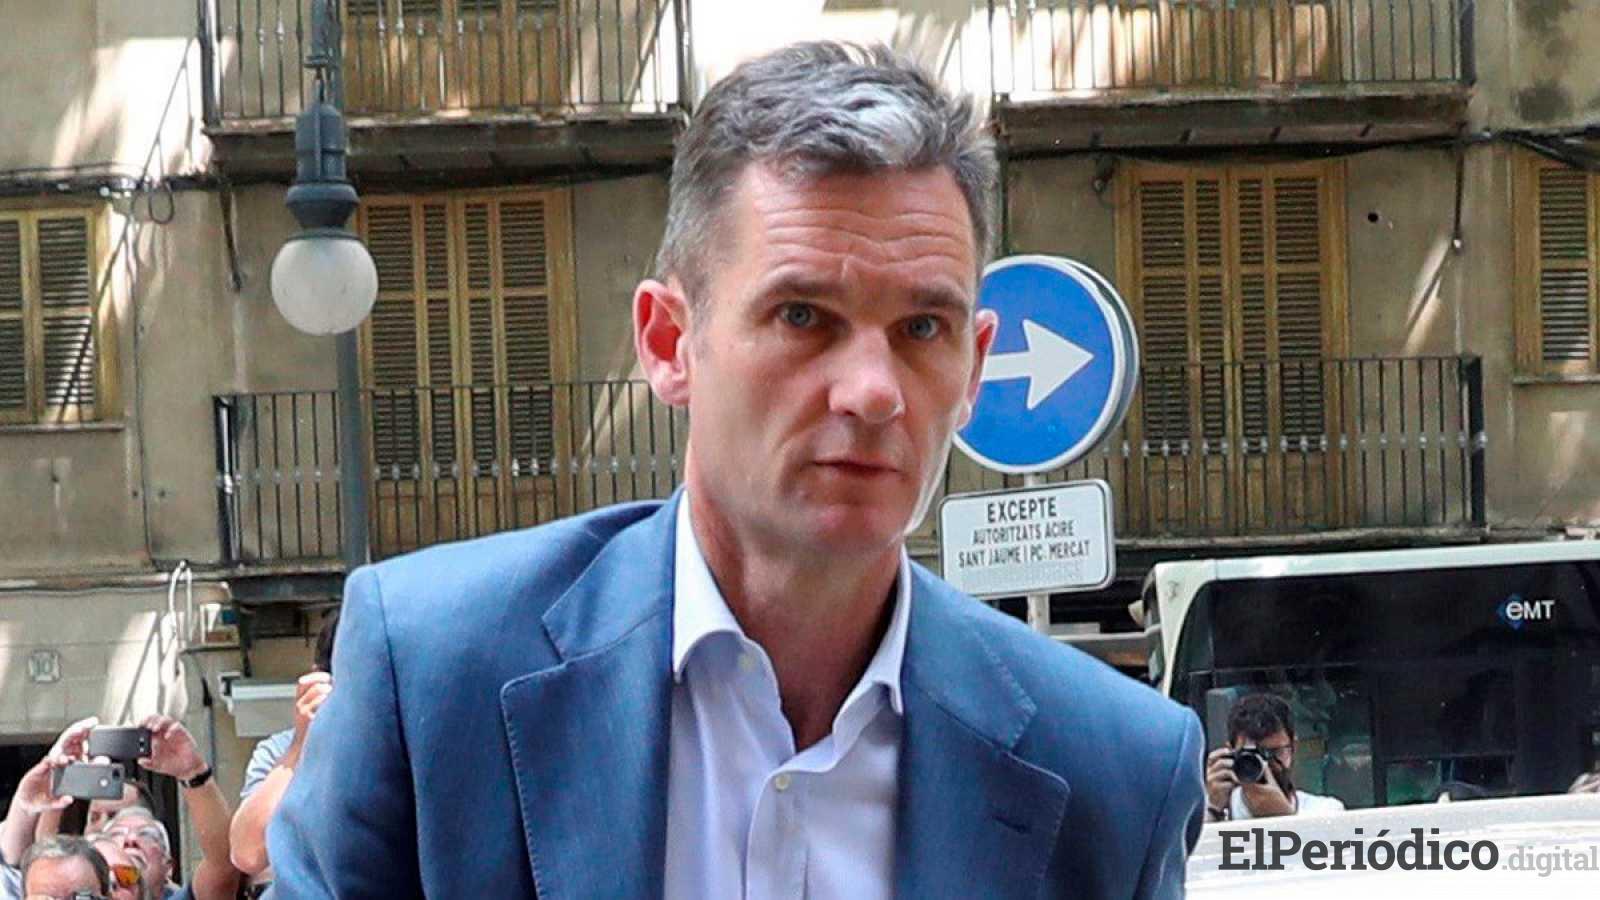 El ex Duque de Palma, Iñaki Urdangarin ha obtenido a los dos meses de haber ingresado en la cárcel de Brieva de Ávila, el segundo grado